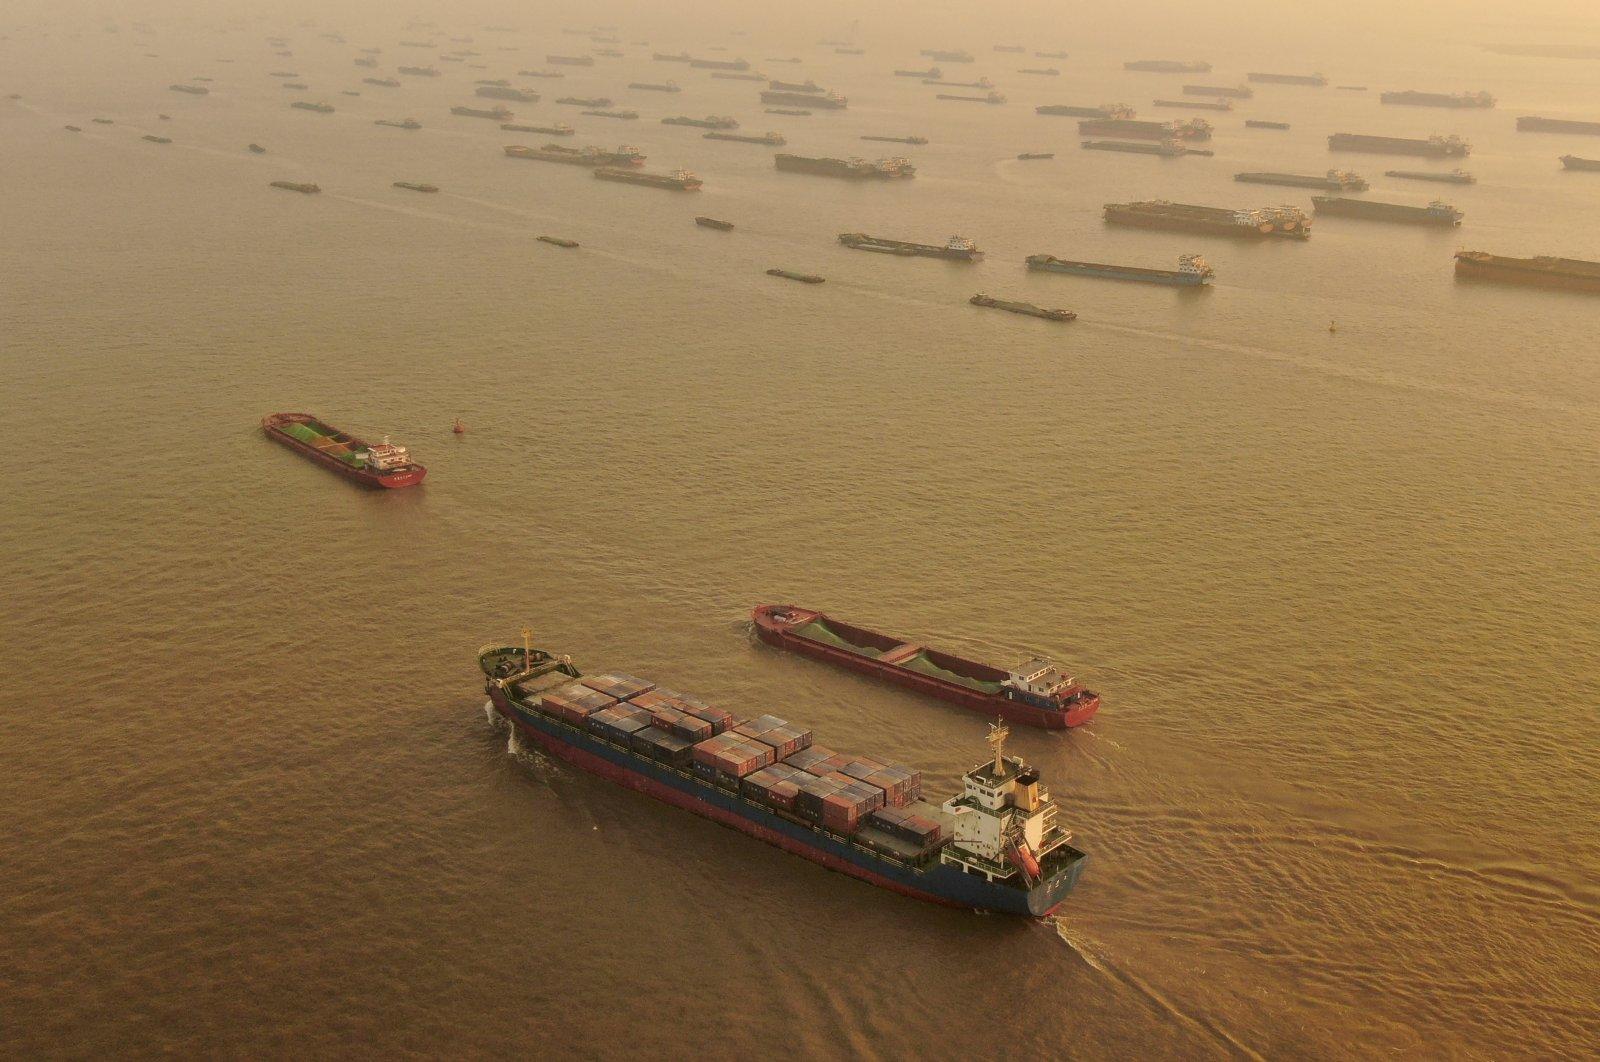 A cargo ship sails along the Yangtze River in Nantong, Jiangsu, China, Jan. 2, 2021. (AP Photo)